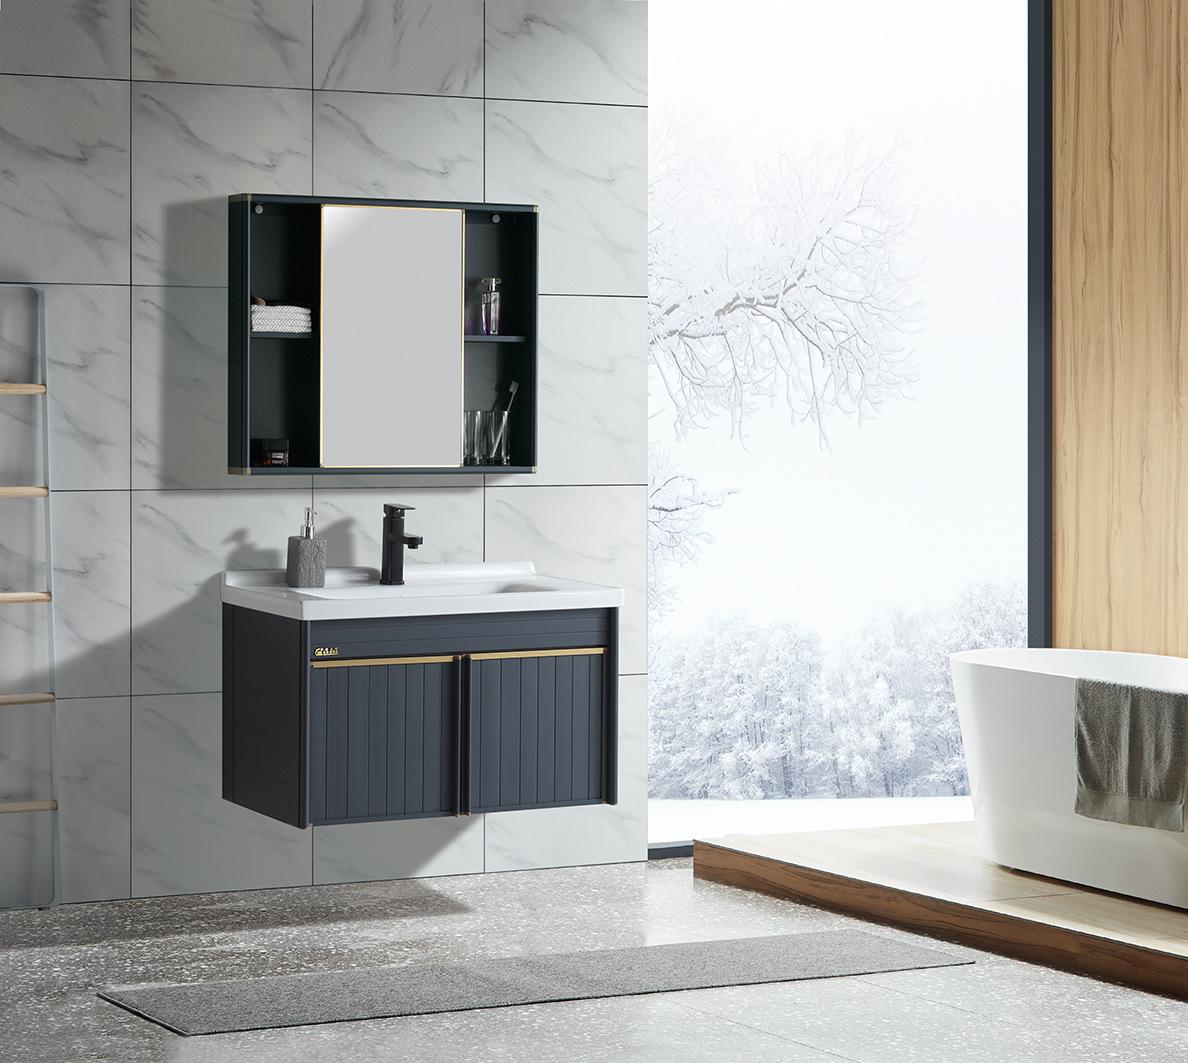 WOERJIN Wall Jin modern minimalist space aluminum bathroom cabinet bathroom washbasin vanity sink wa